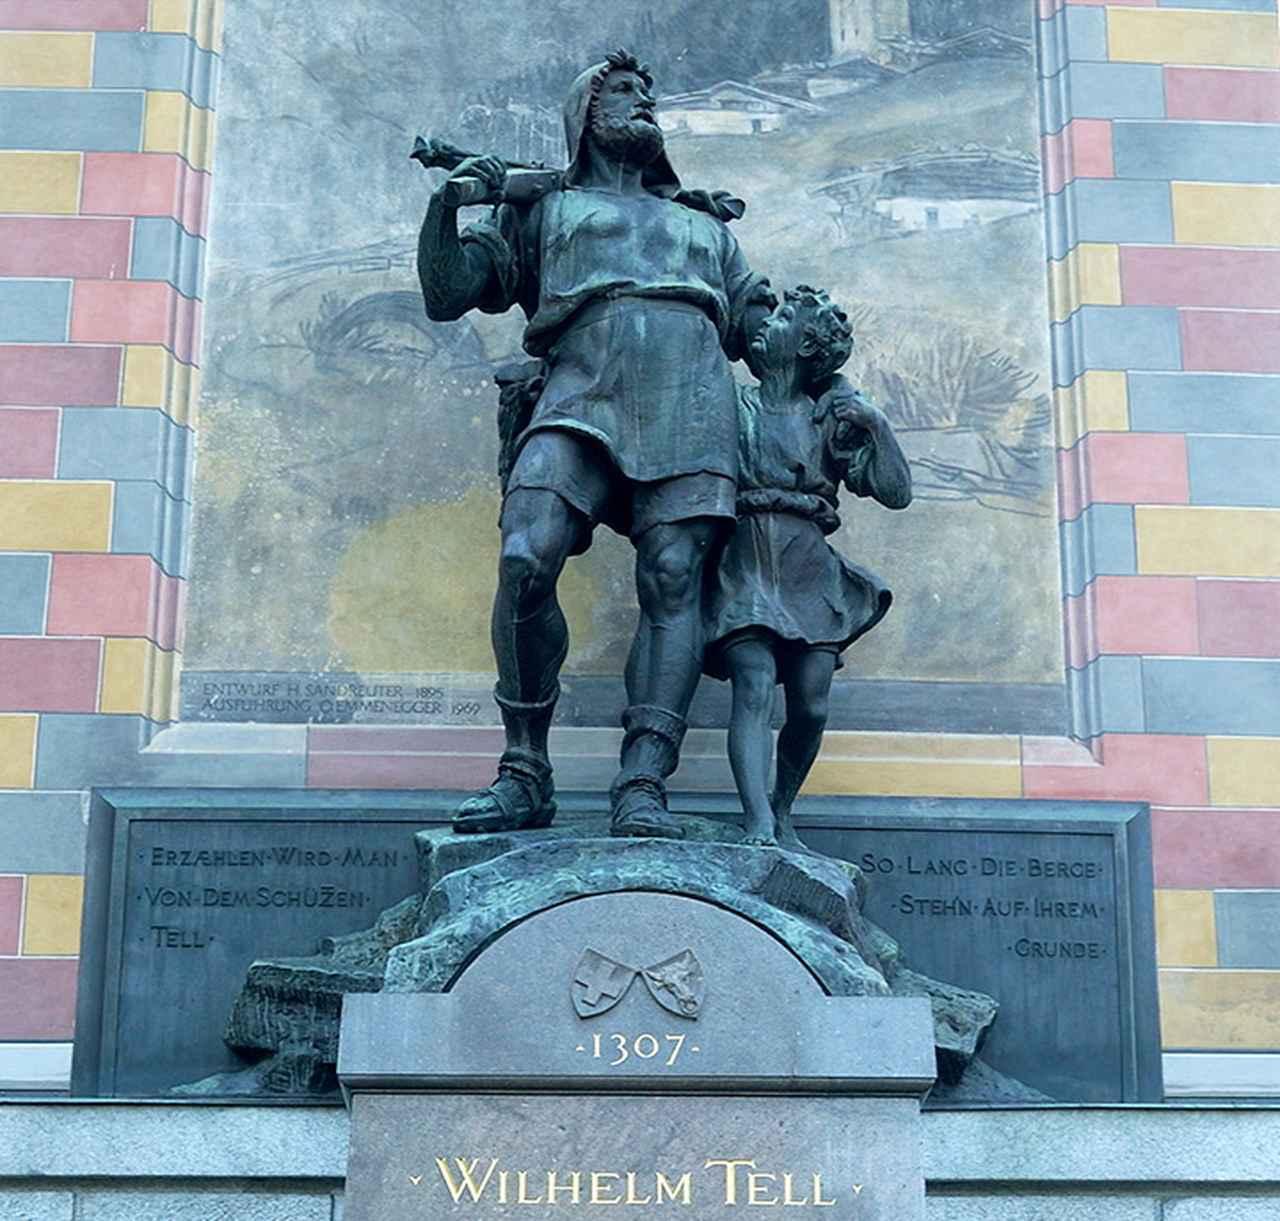 画像: アルトドルフにあるウィリアム・テル記念碑